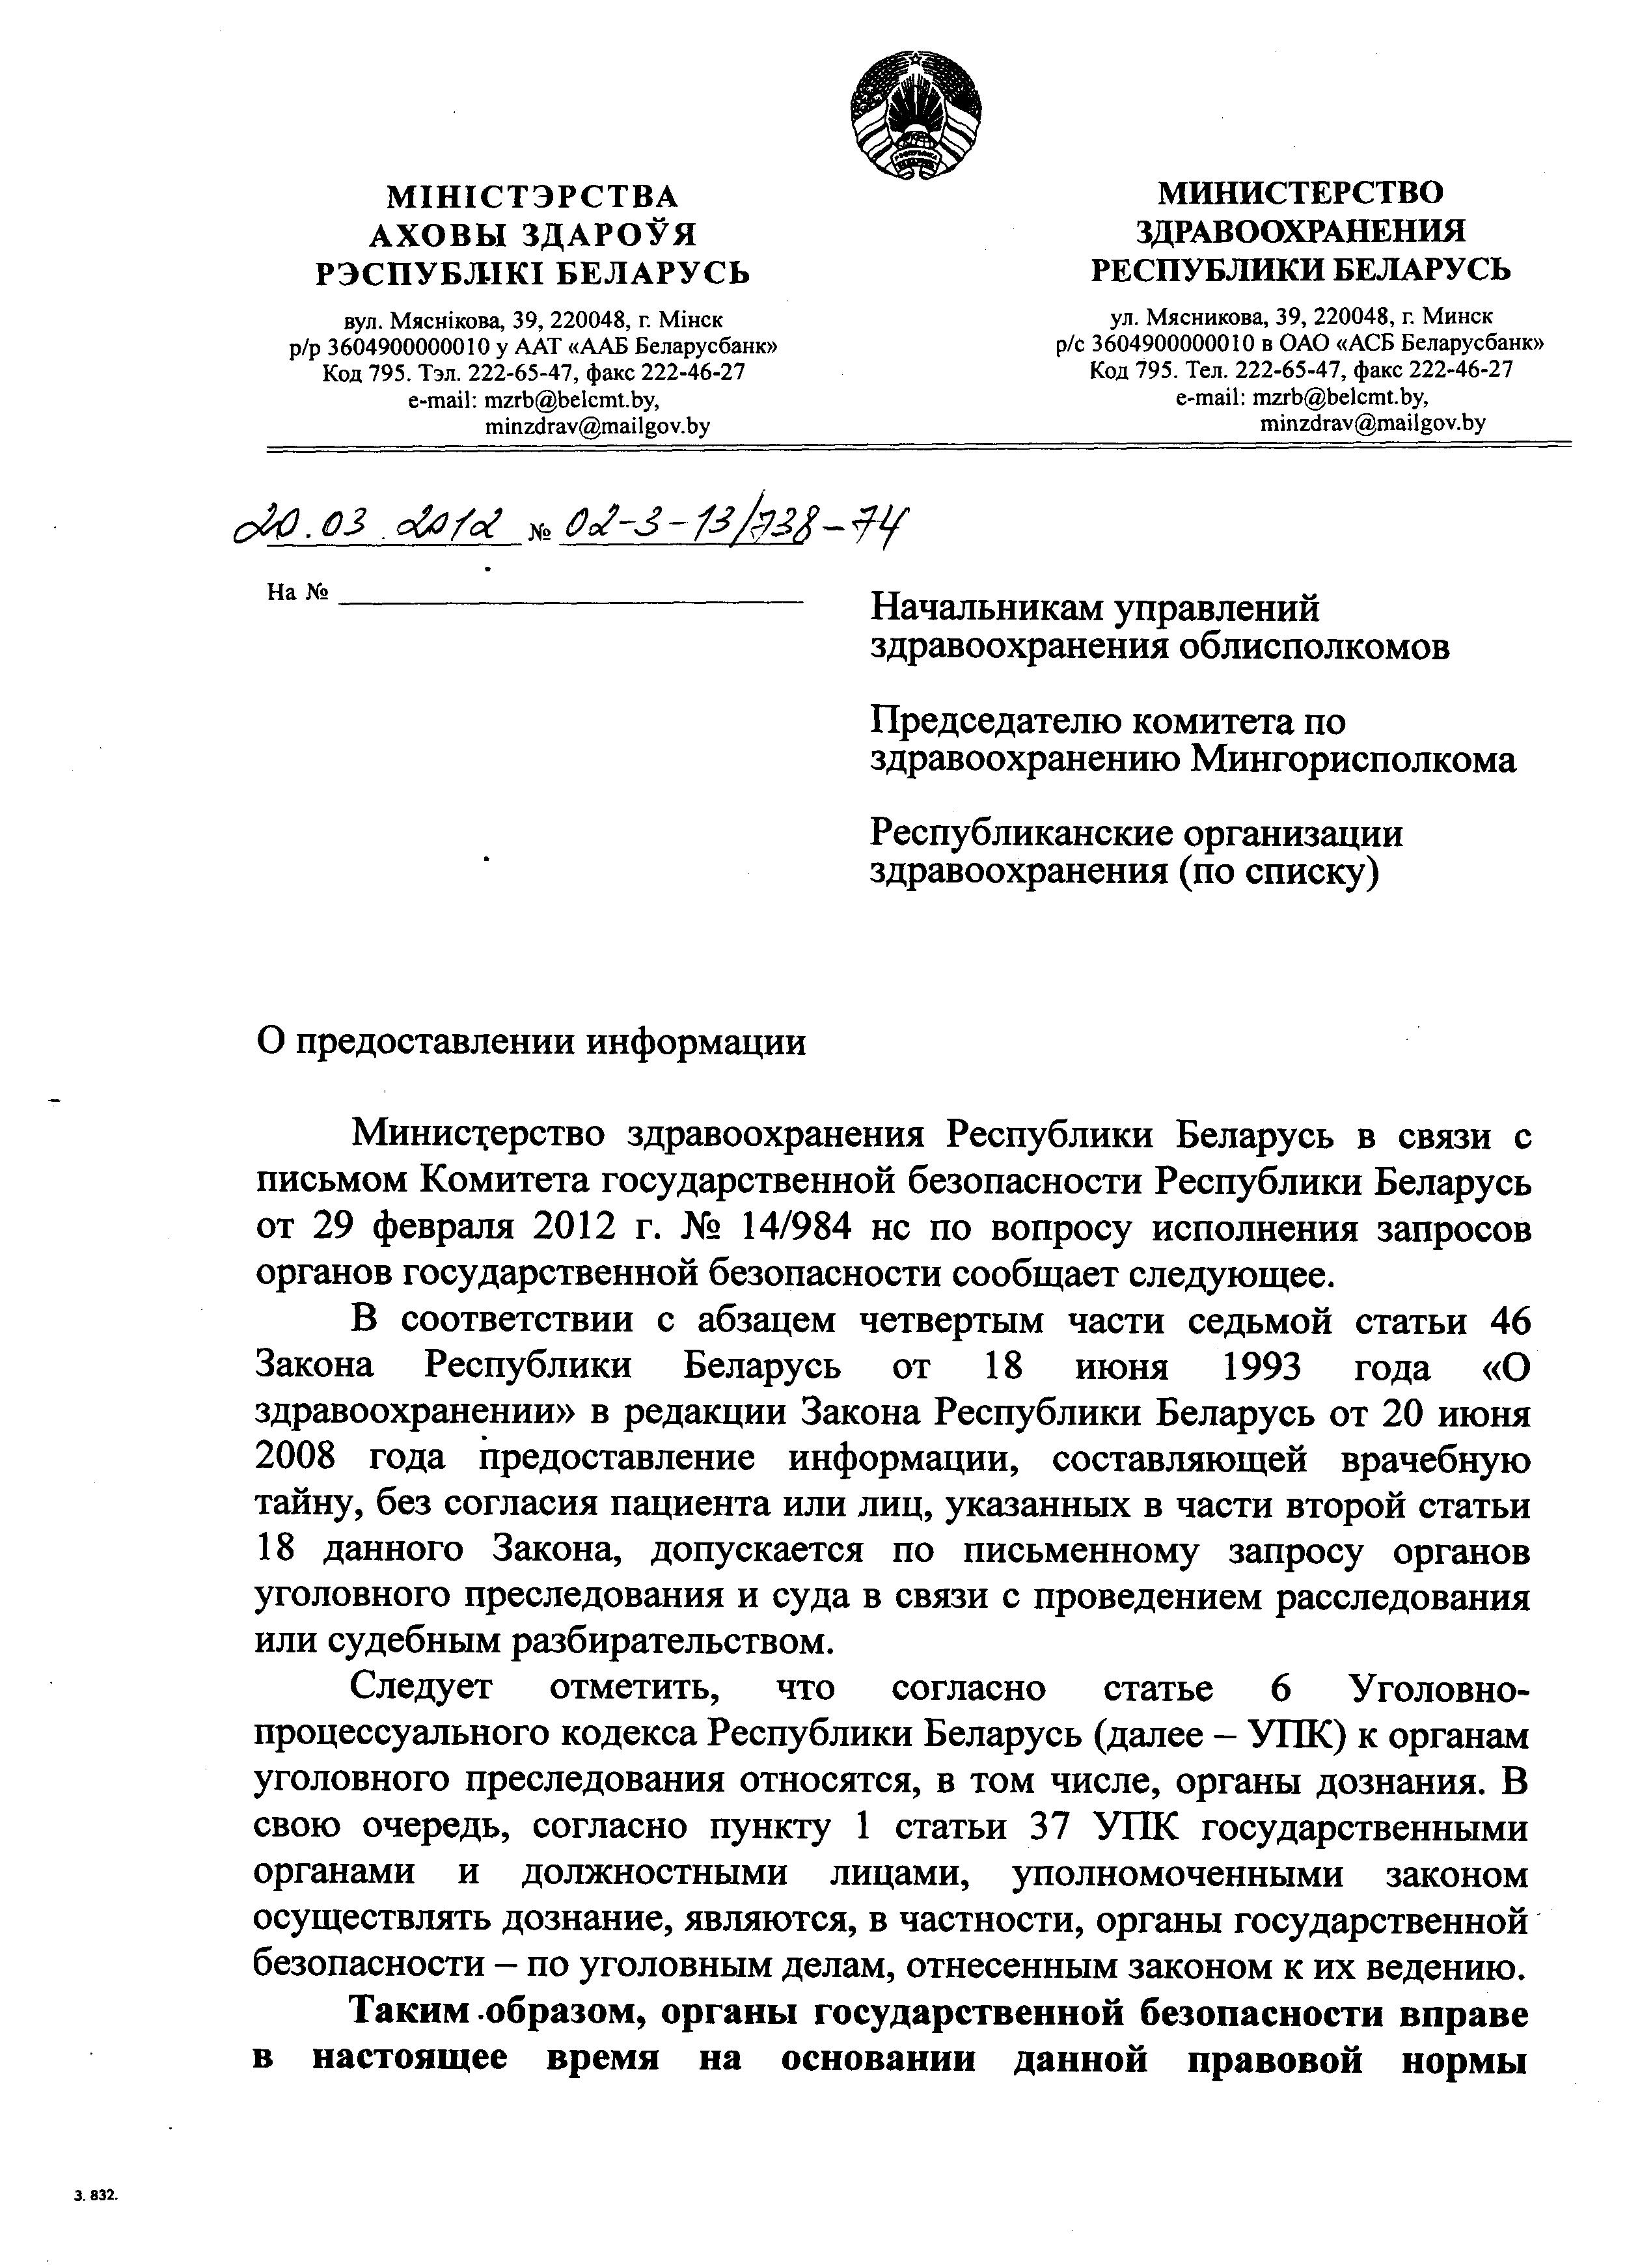 письмо Министра здравоохранения - 1 стр.